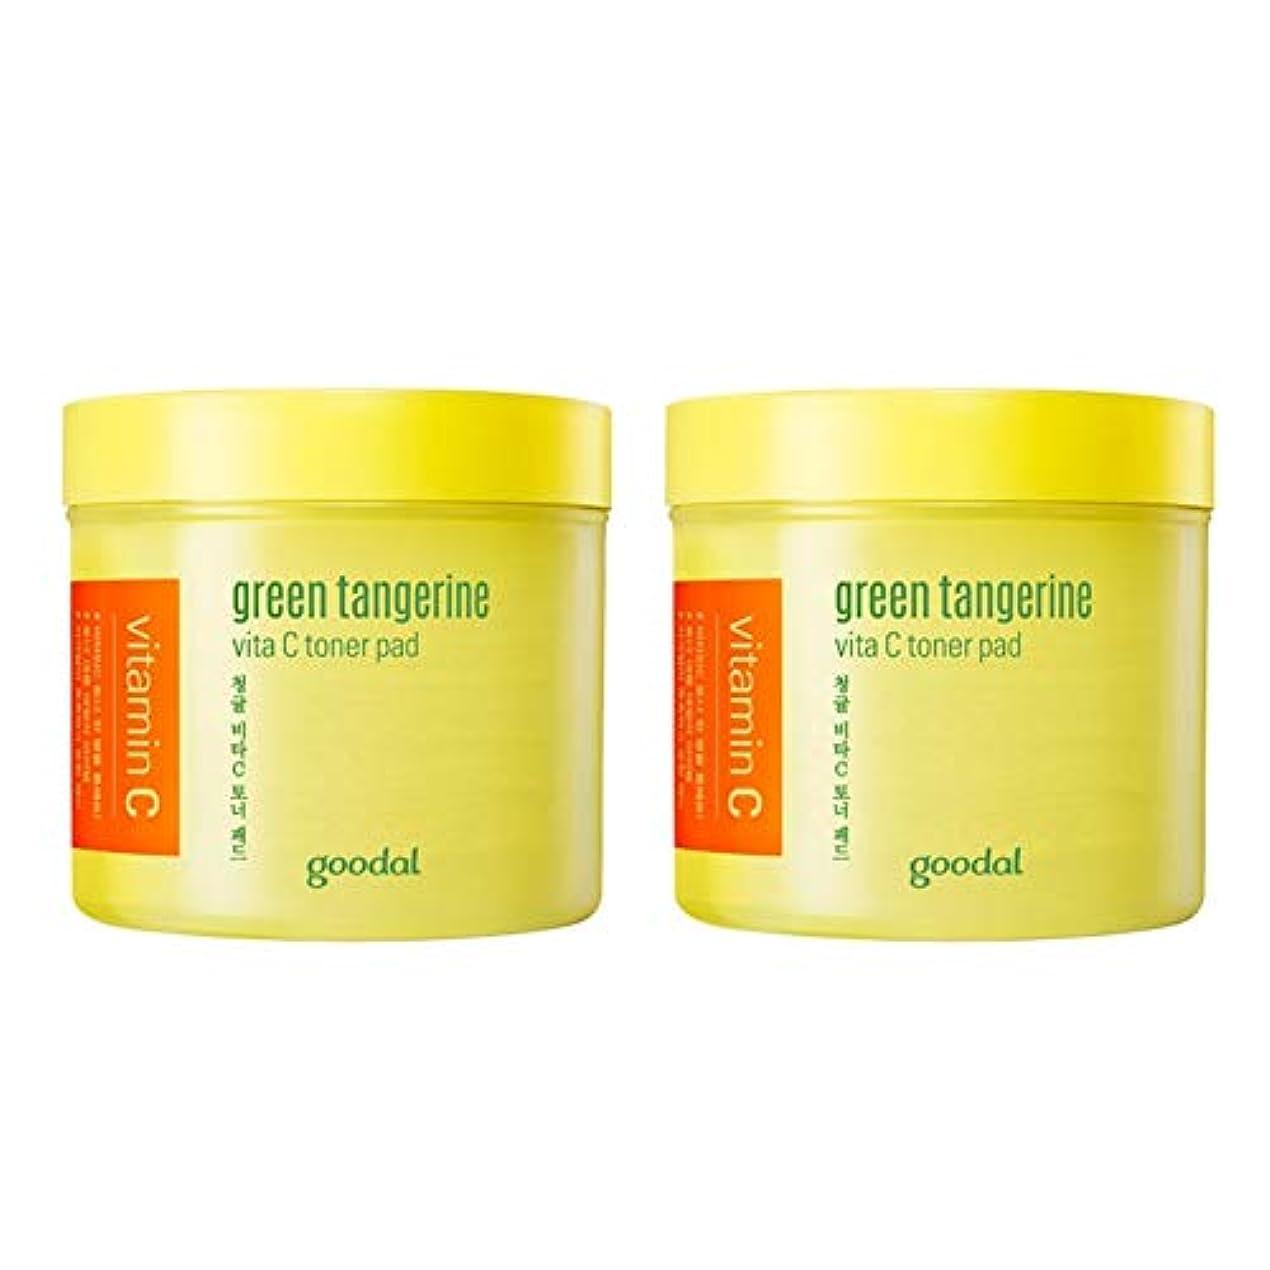 クライマックスデンマーク語慣れるグドール青みかんヴィータCトナーパッド70px2本セット質除去、水分供給 韓国コスメ 、Goodal Green Tangerine Vita C Toner Pad 70p x 2ea Set Korean Cosmetics...